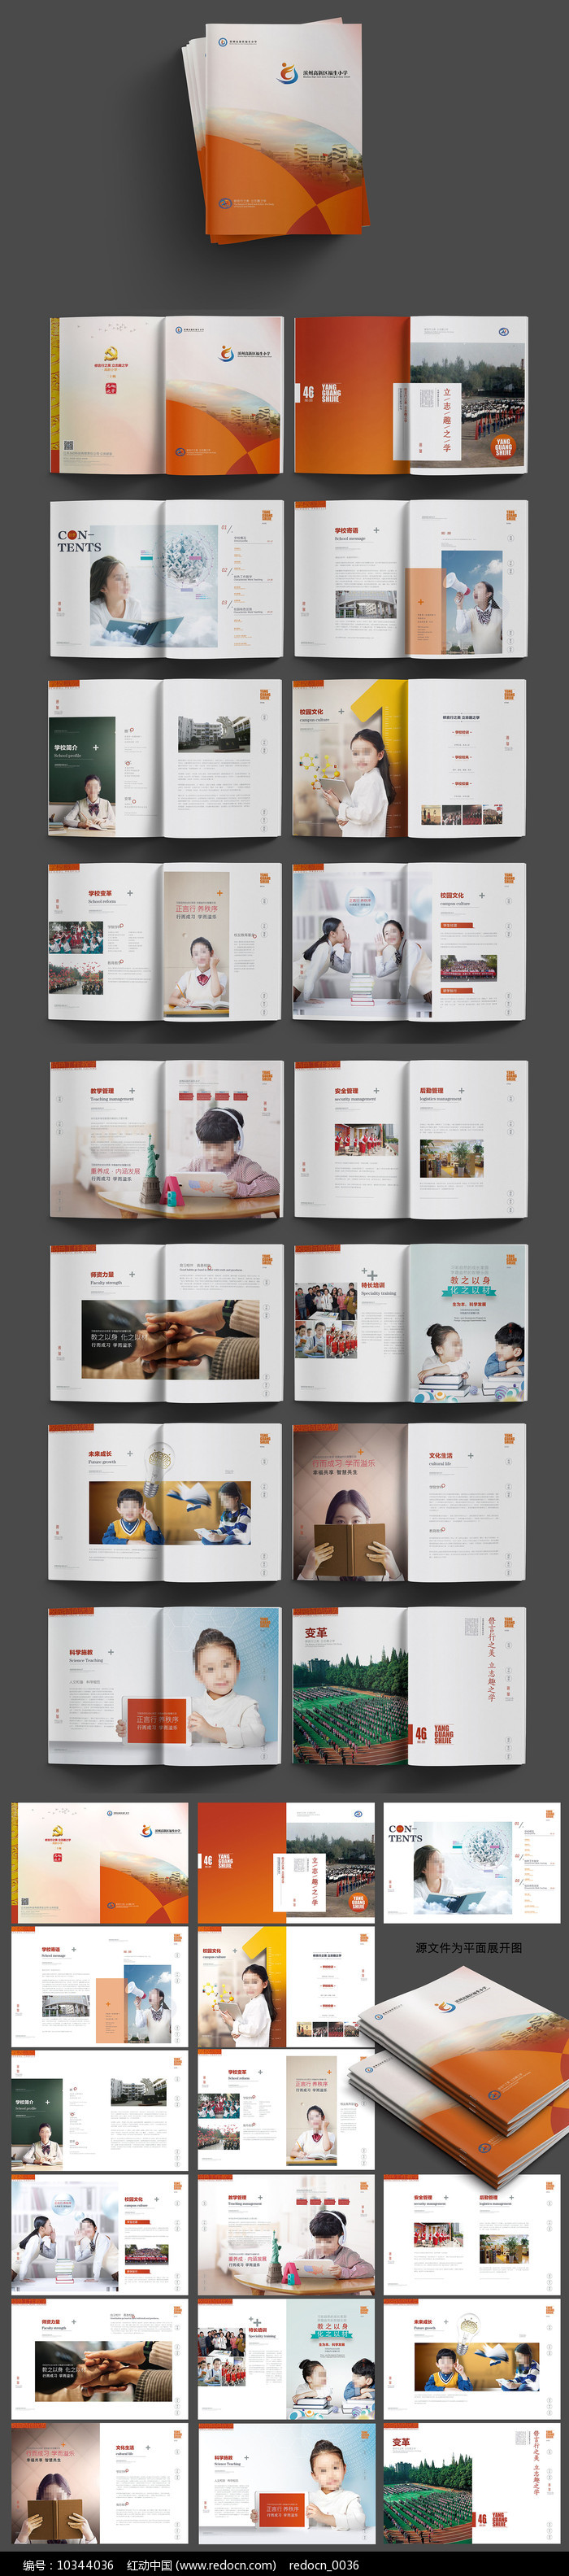 校园教育培训画册图片